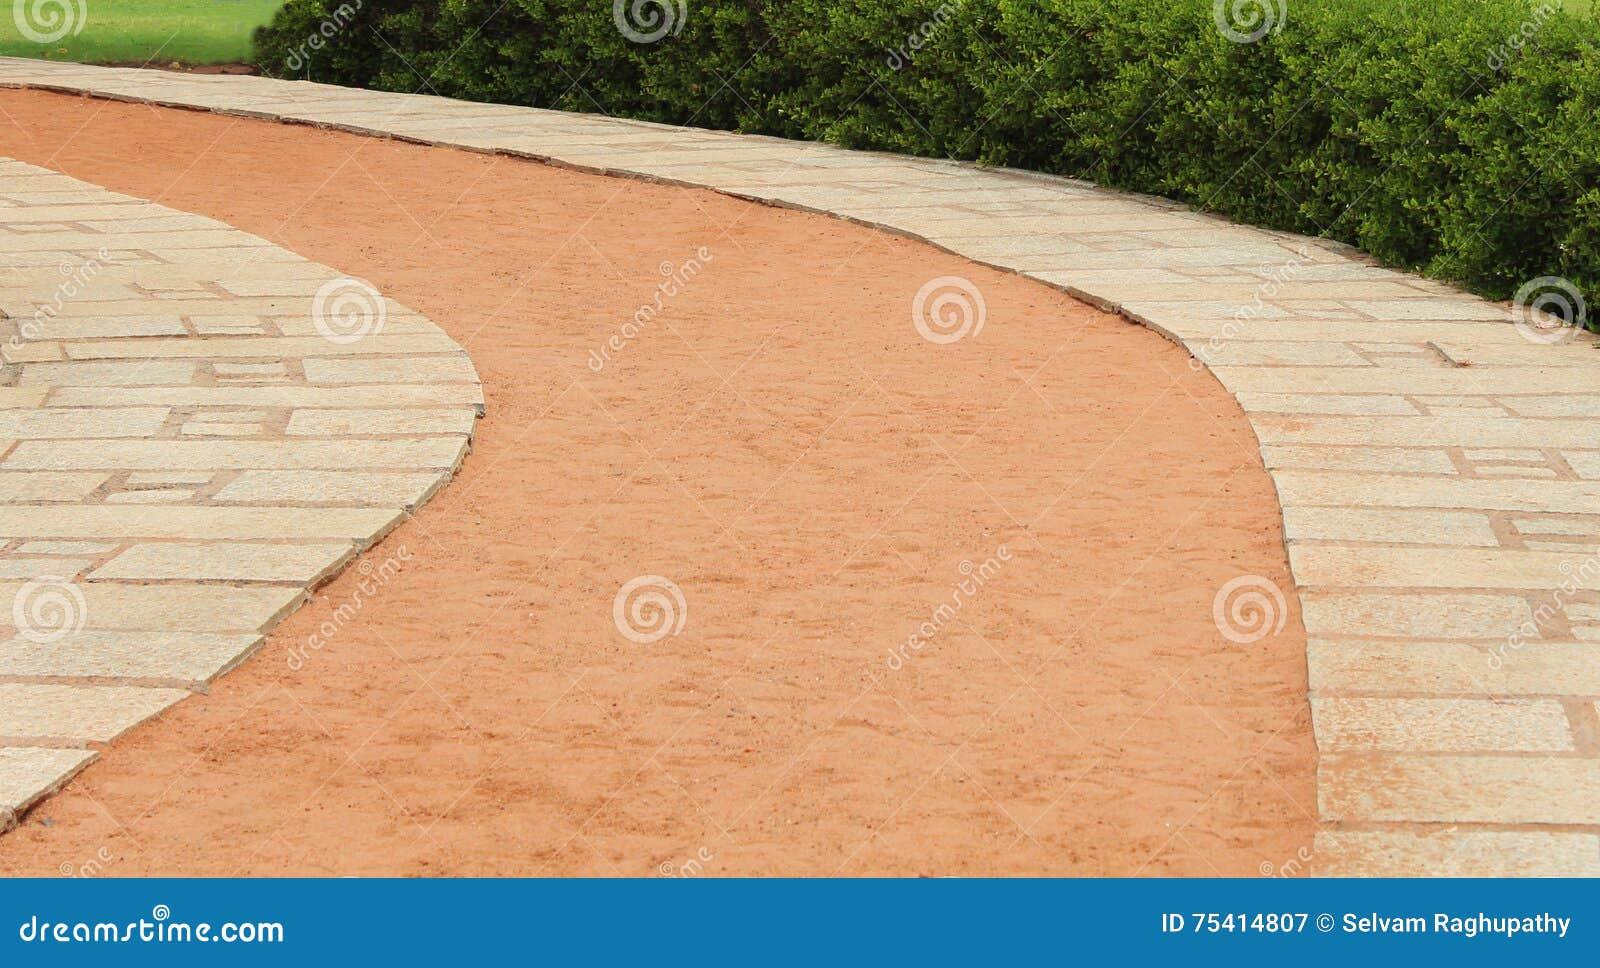 Trayectoria de la piedra de la curva de la playa